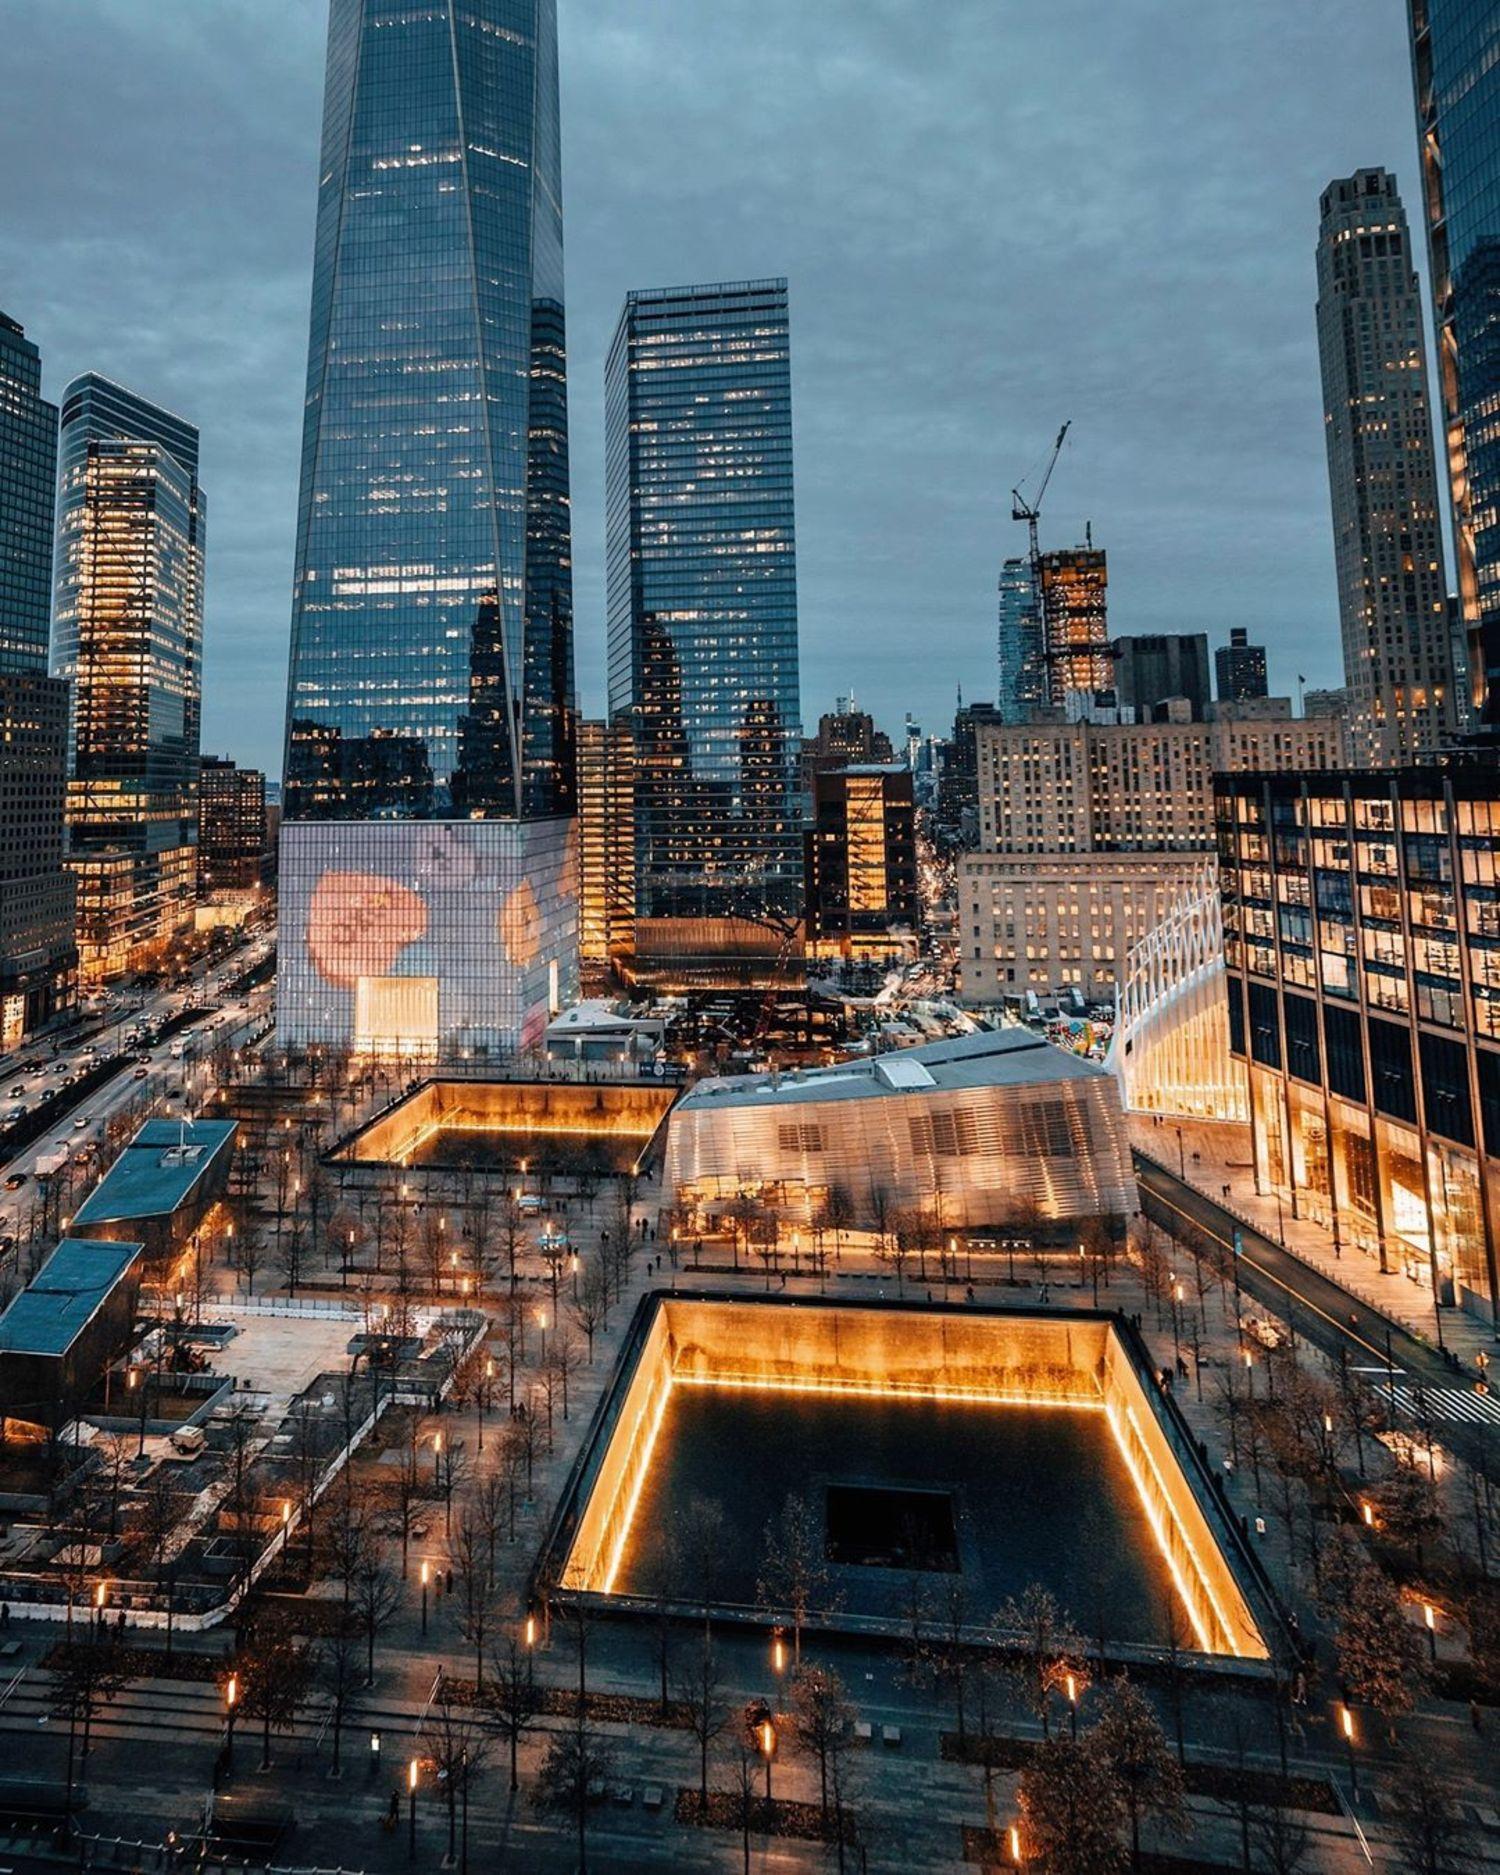 9/11 Memorial Plaza